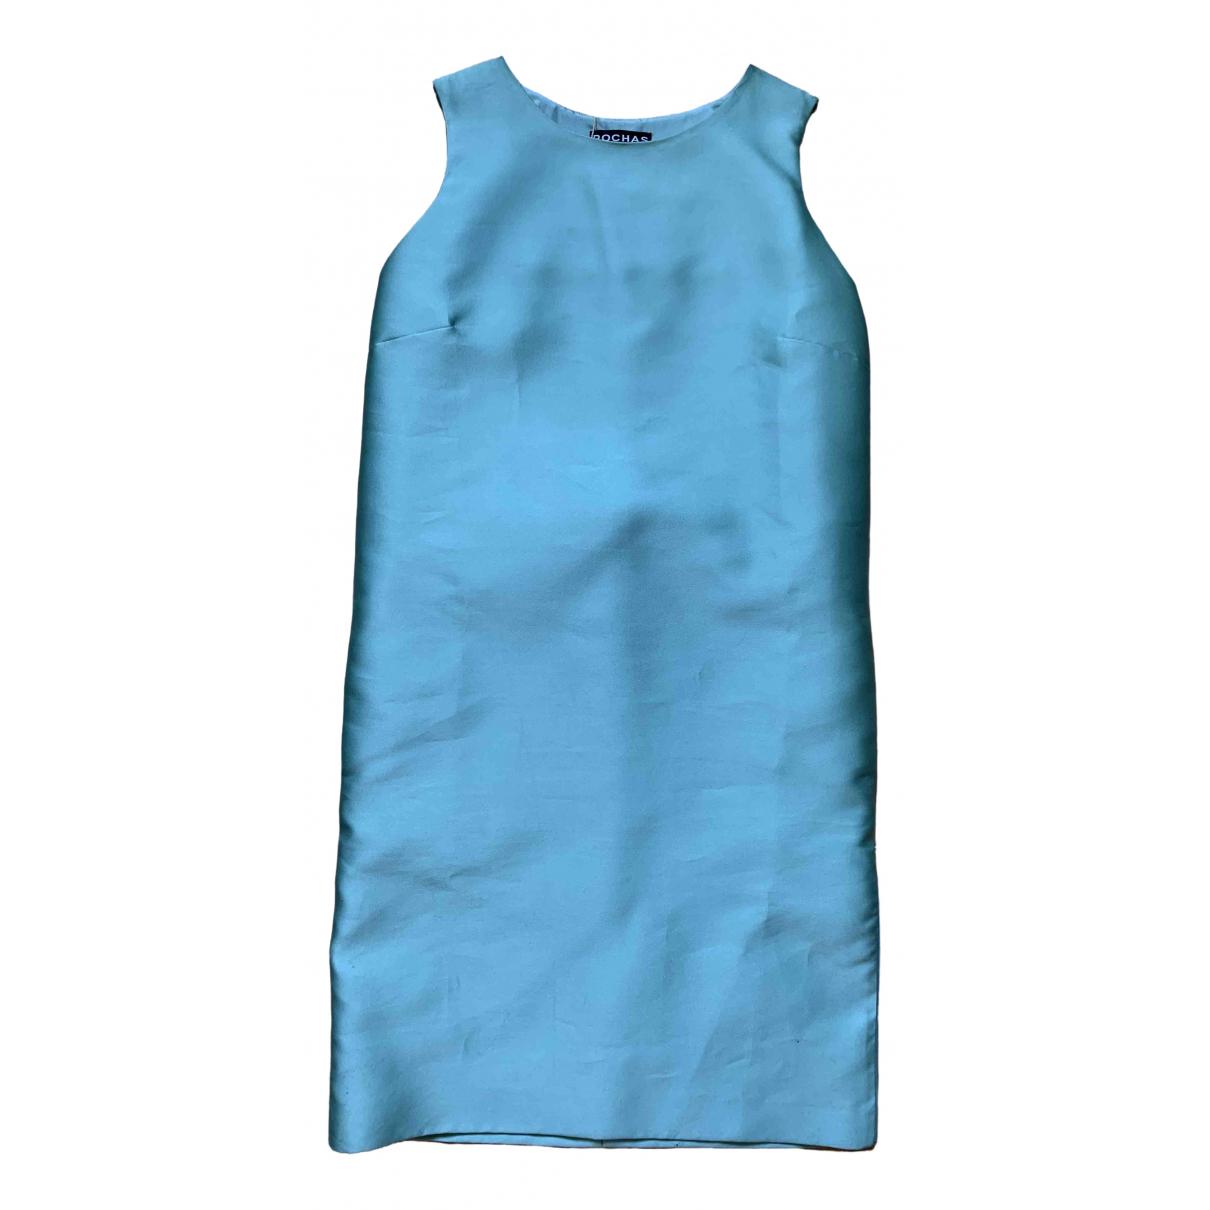 Rochas \N Turquoise dress for Women 40 IT